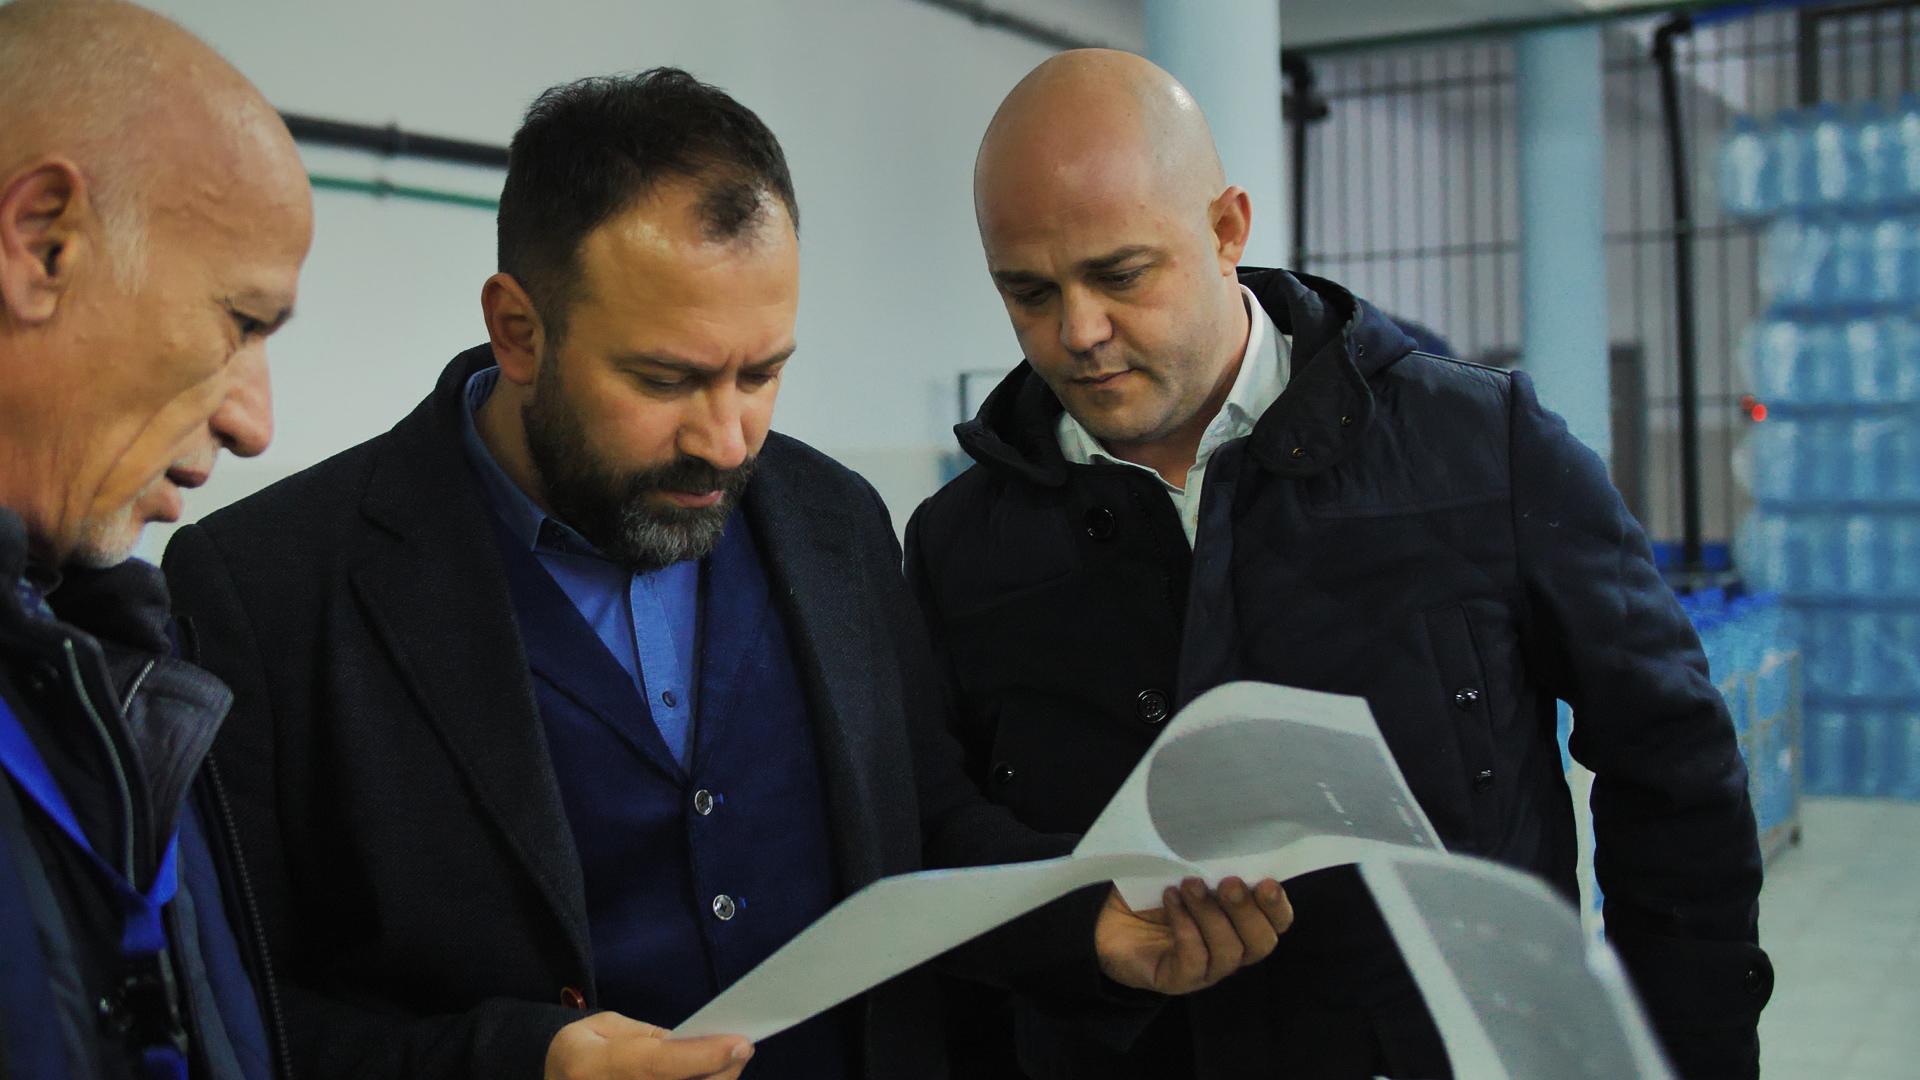 Aksioni për ujin në Tiranë, 8 të shoqëruar për lidhje të paligjshme